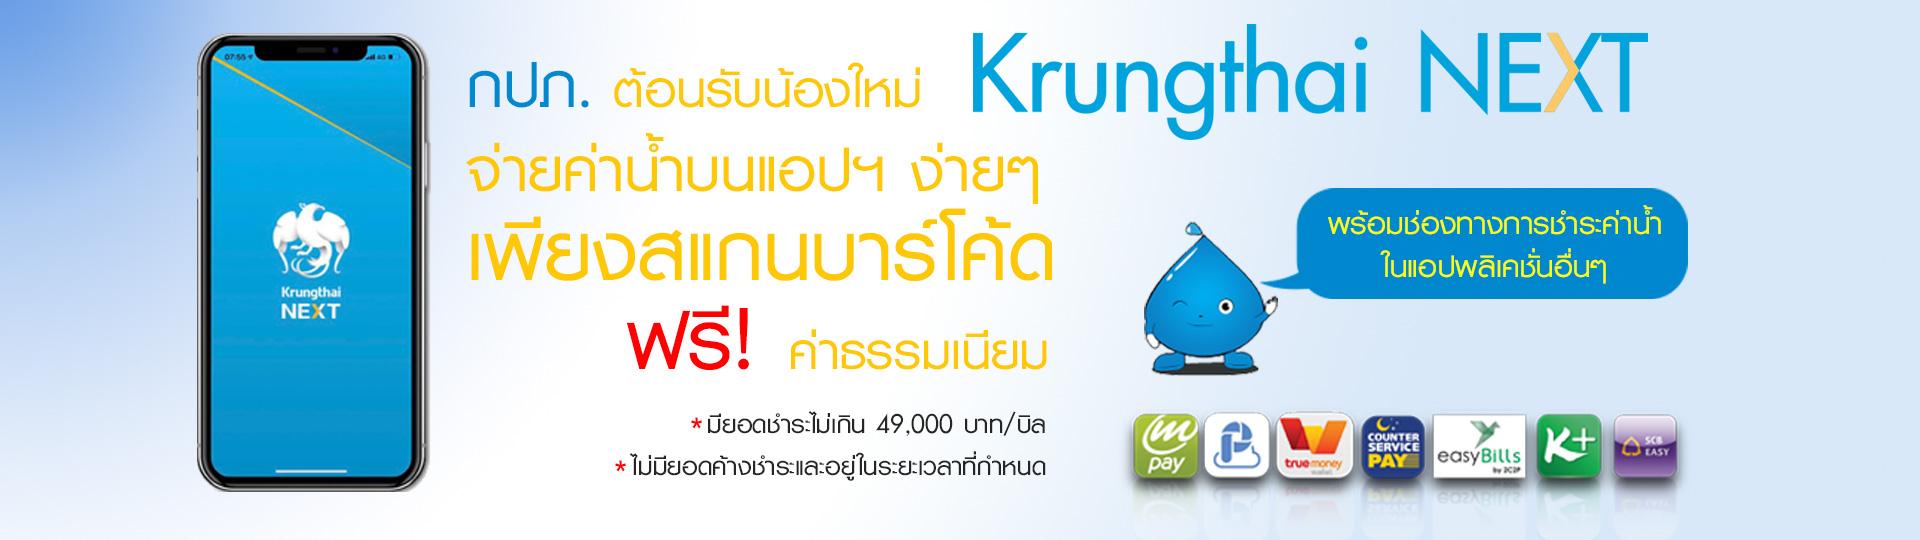 Krungthai NEXT